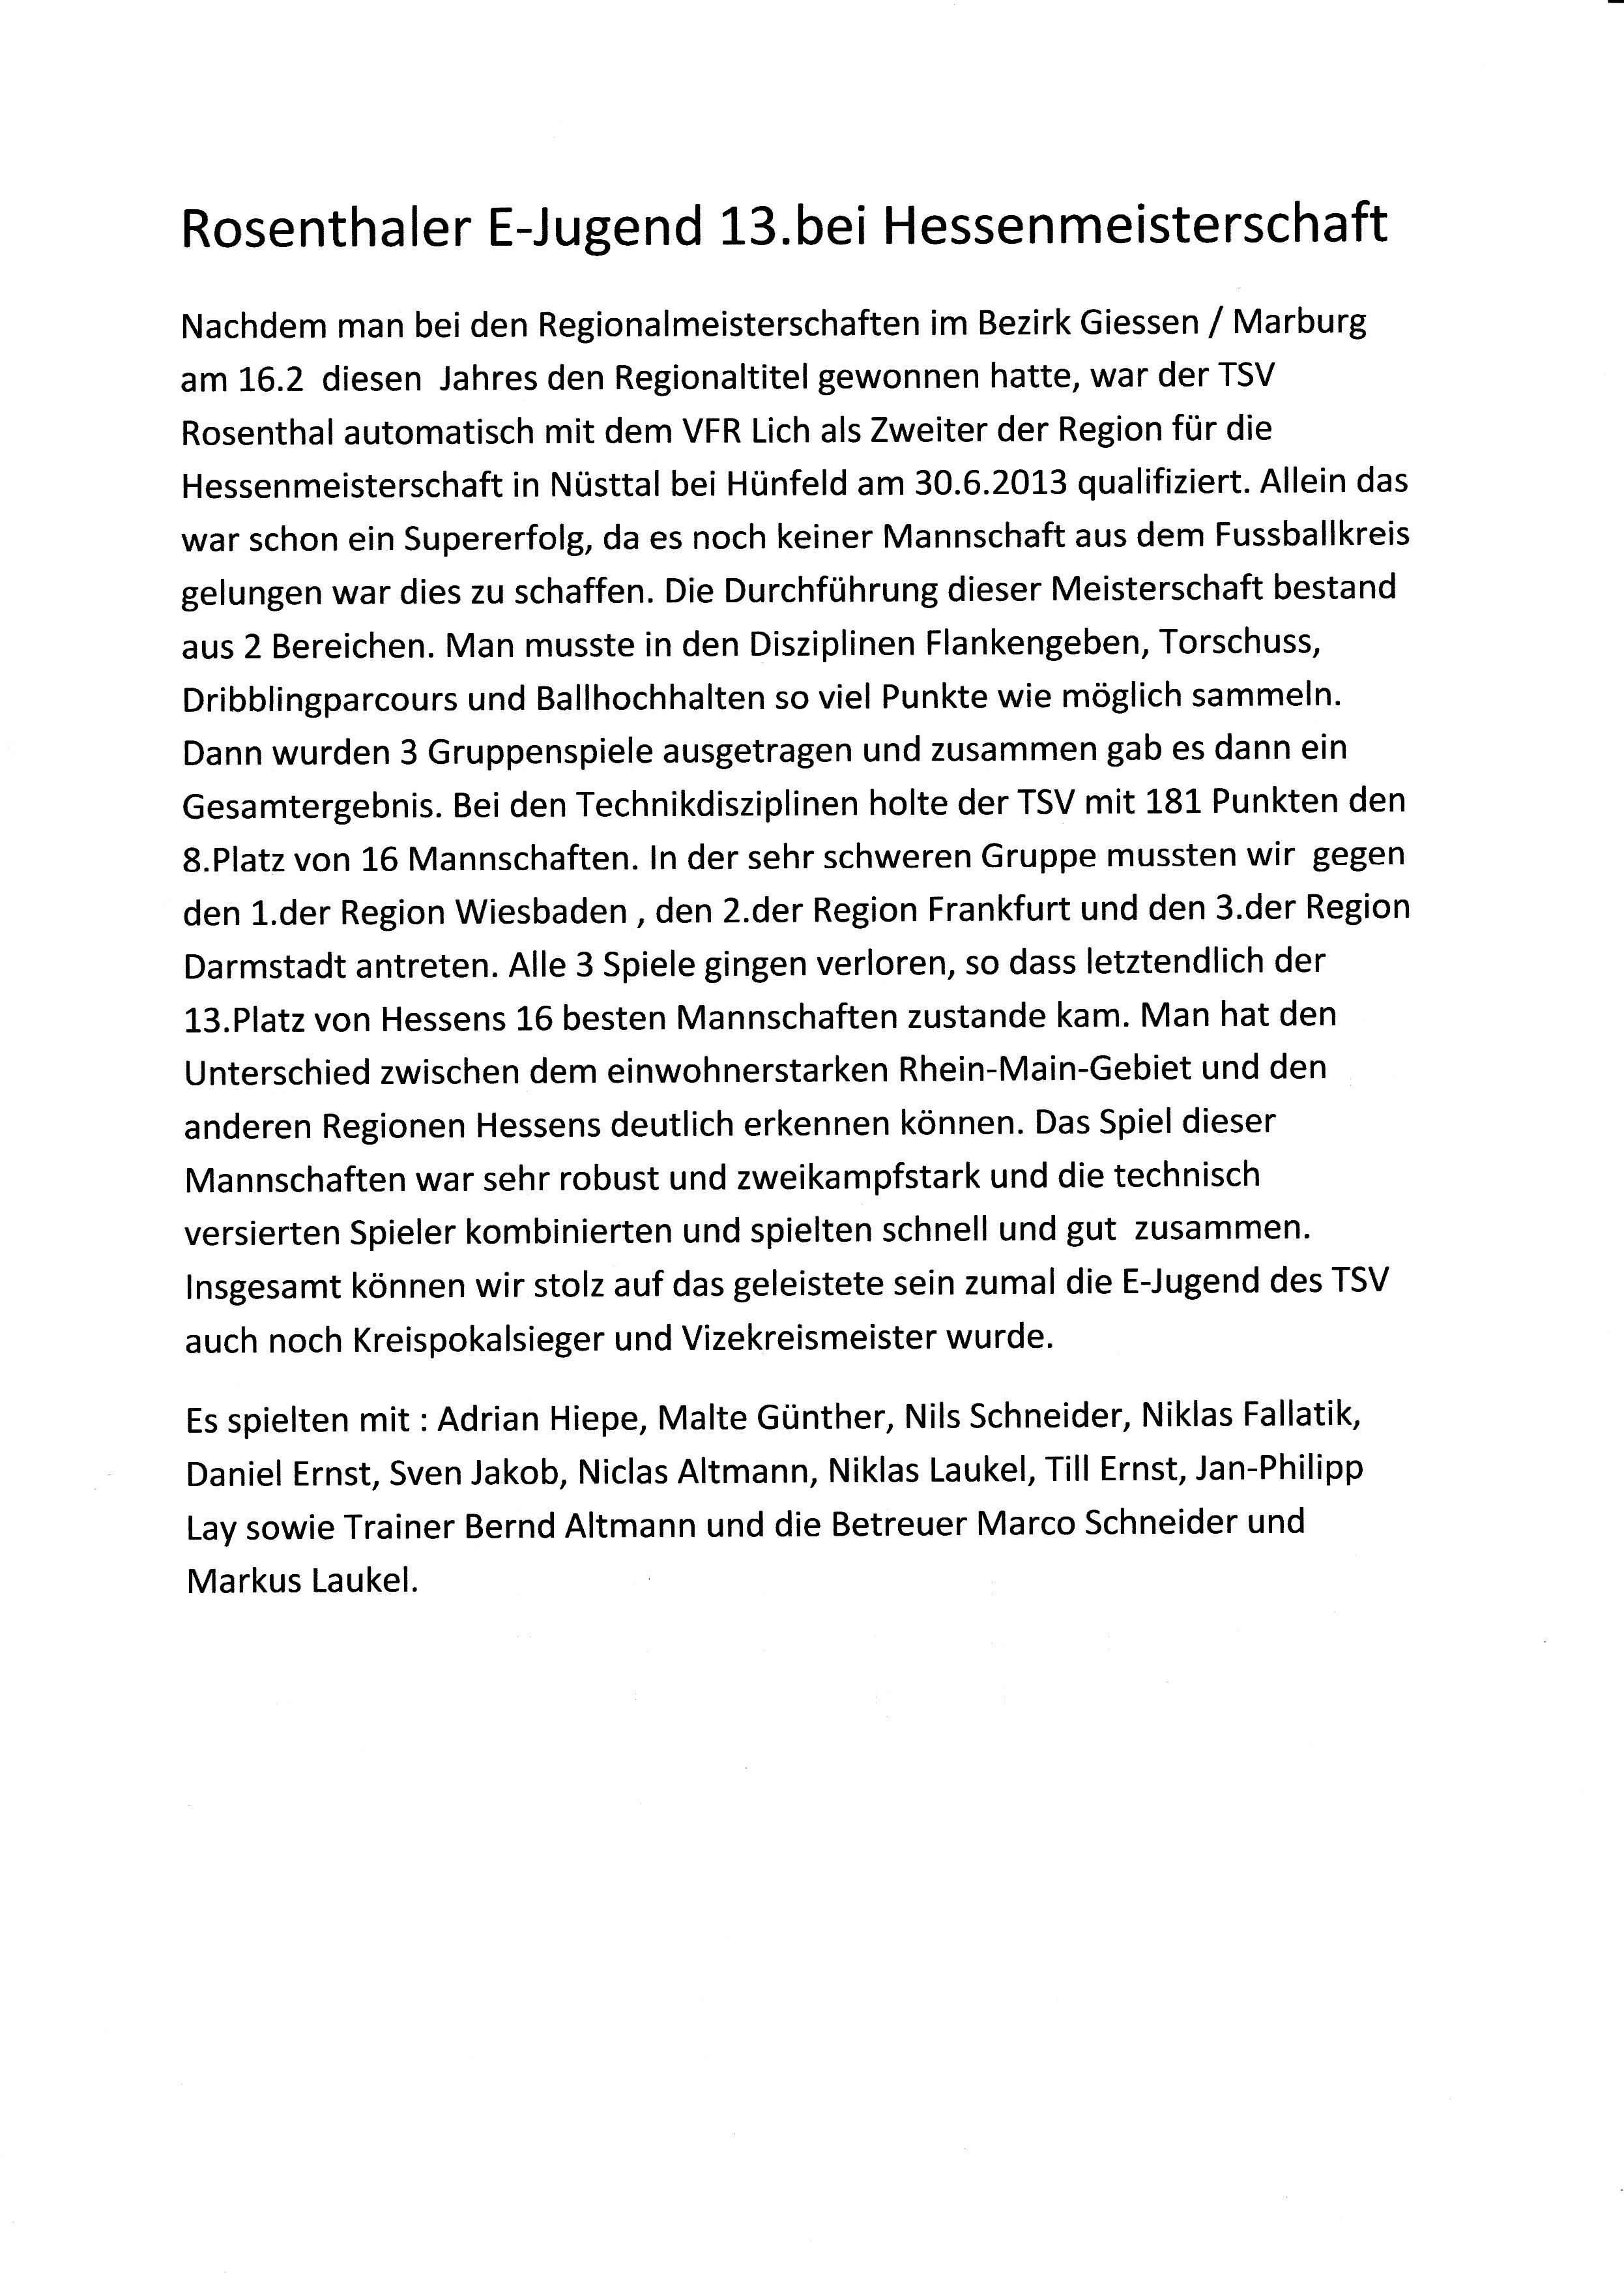 Bericht von der Hessenmeisterschaft